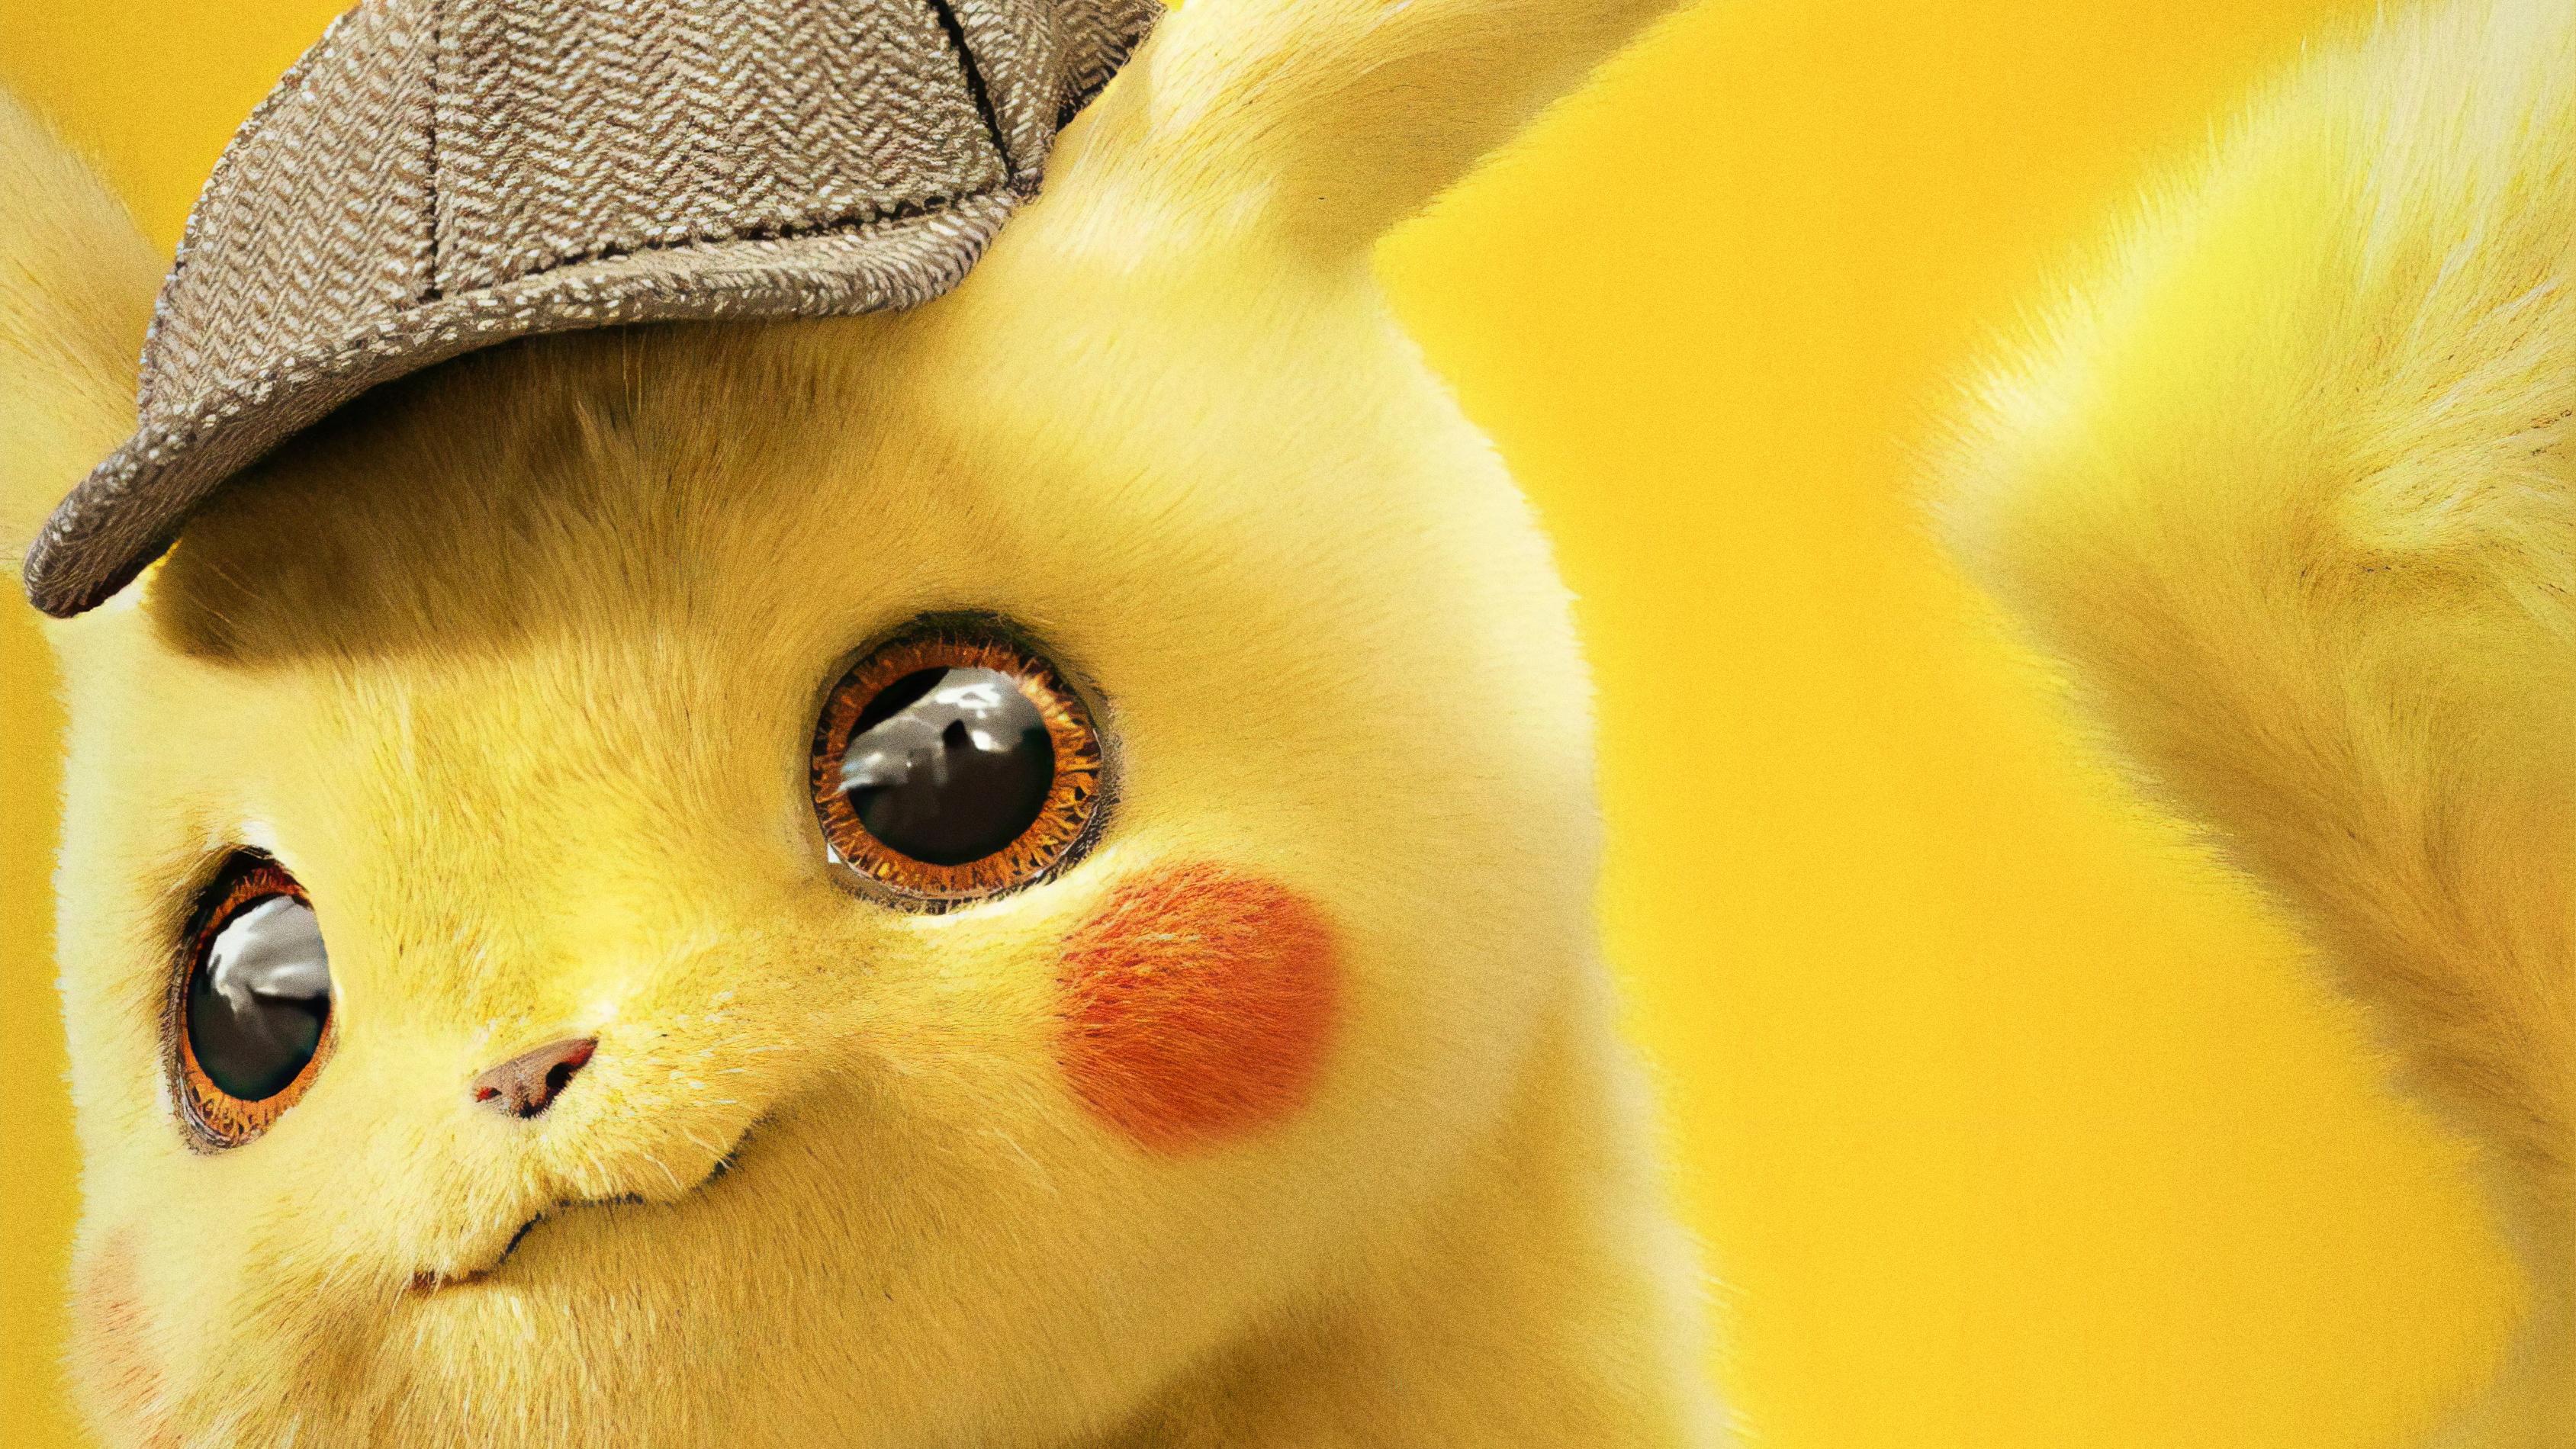 Pokemon Detective Pikachu 4k 2019 Hd Movies 4k Wallpapers